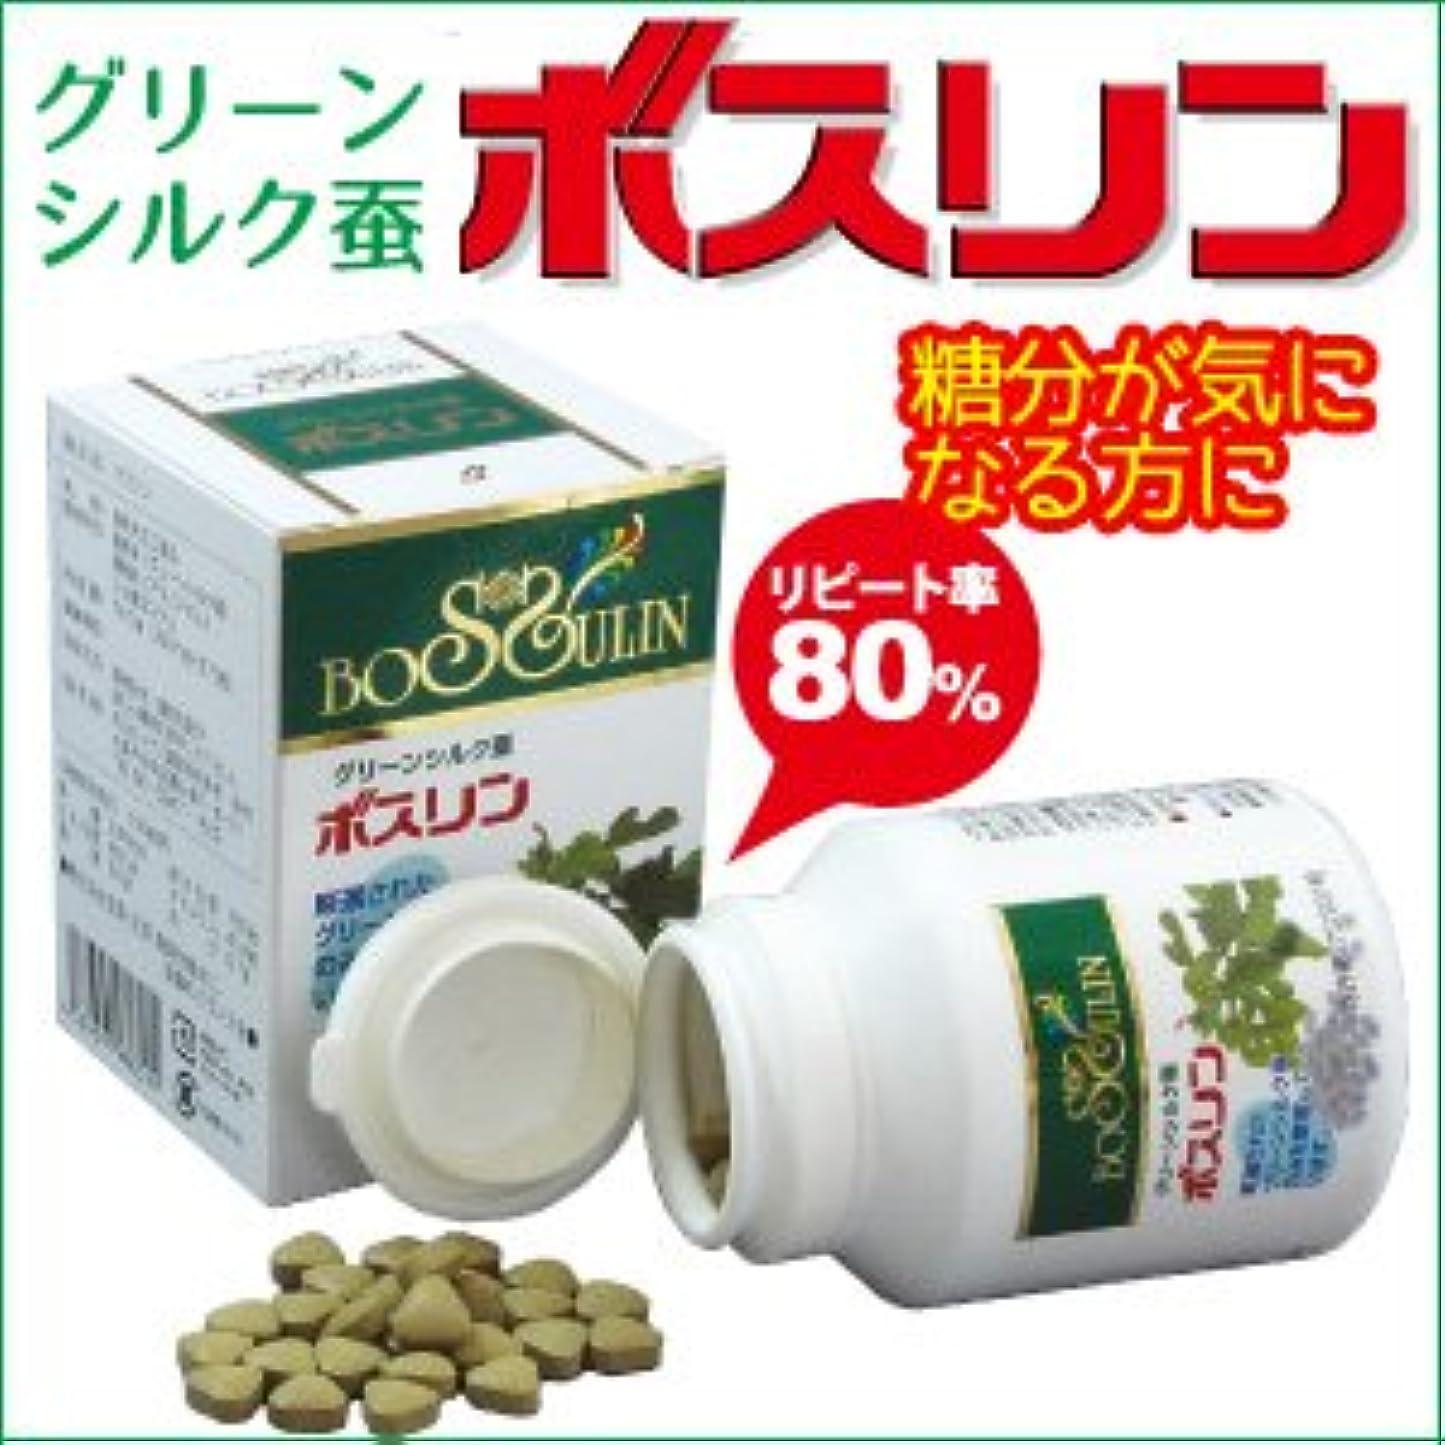 作成する多年生ワゴンボスリン 桑の葉を主食とする厳選された蚕を使用したグリーンシルク蚕(蚕粉末)を配合!